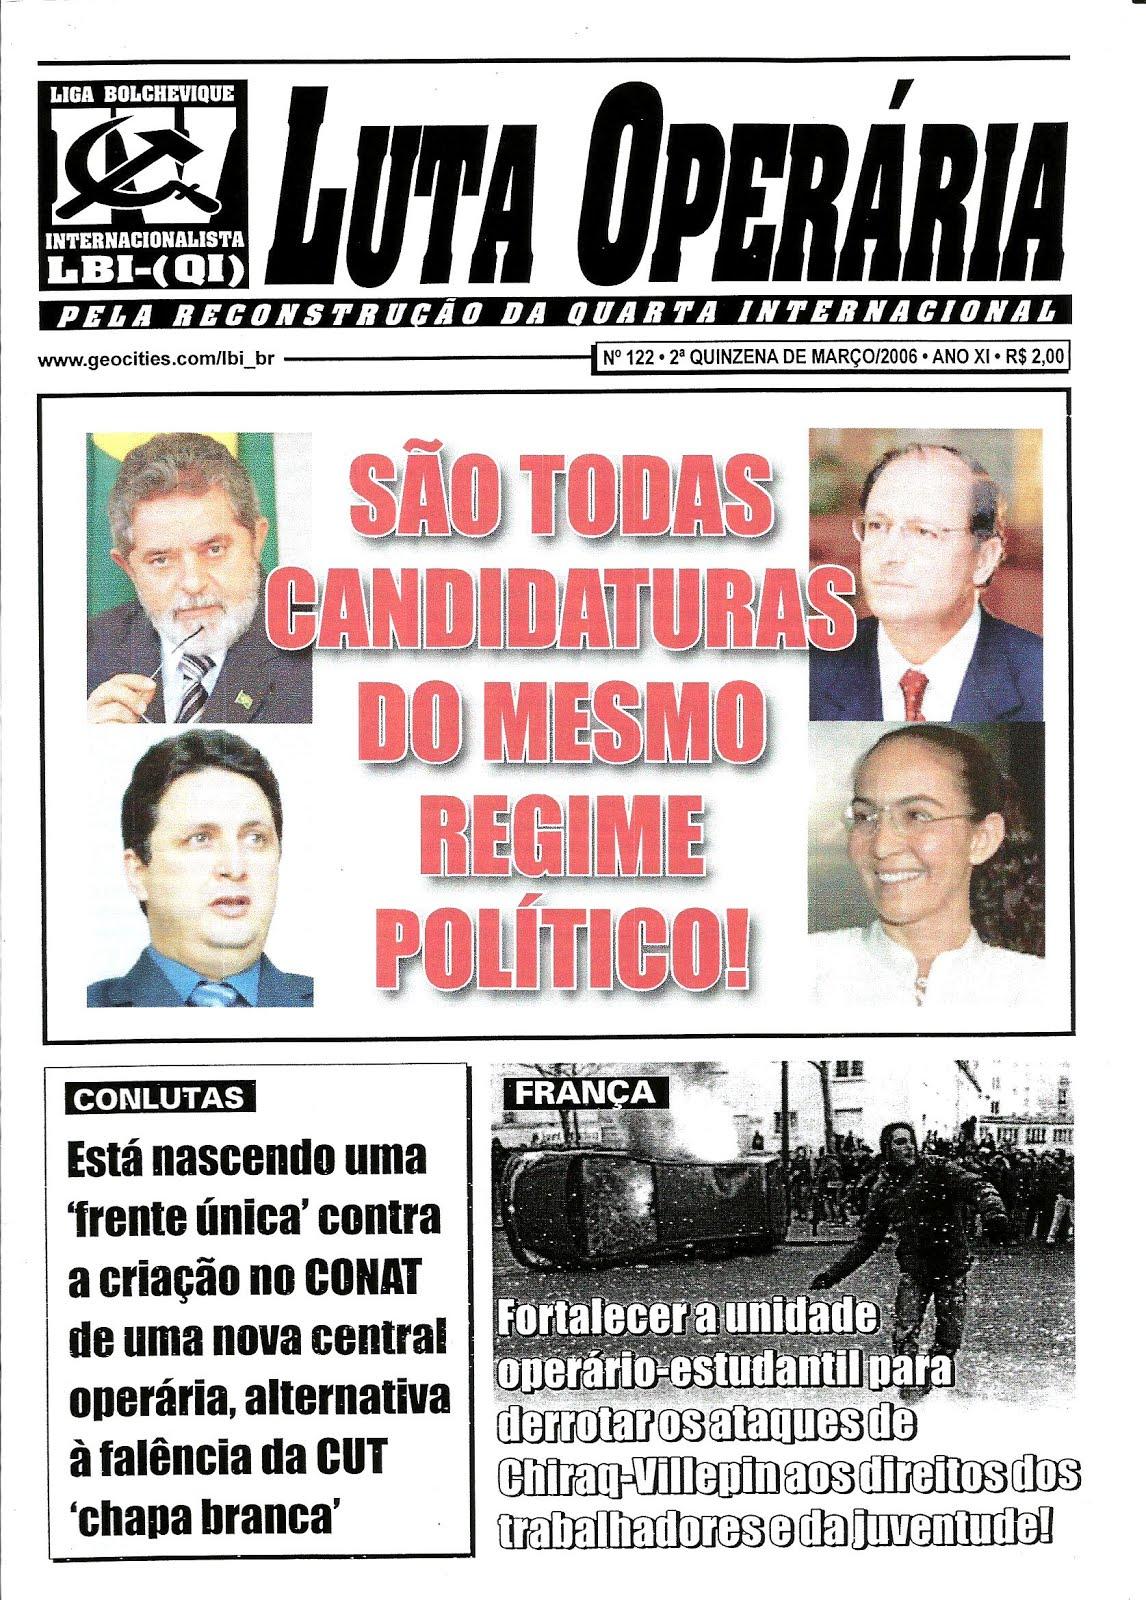 LEIA A EDIÇÃO DO JORNAL LUTA OPERÁRIA Nº 122, 2ª QUINZENA DE MARÇO/2006